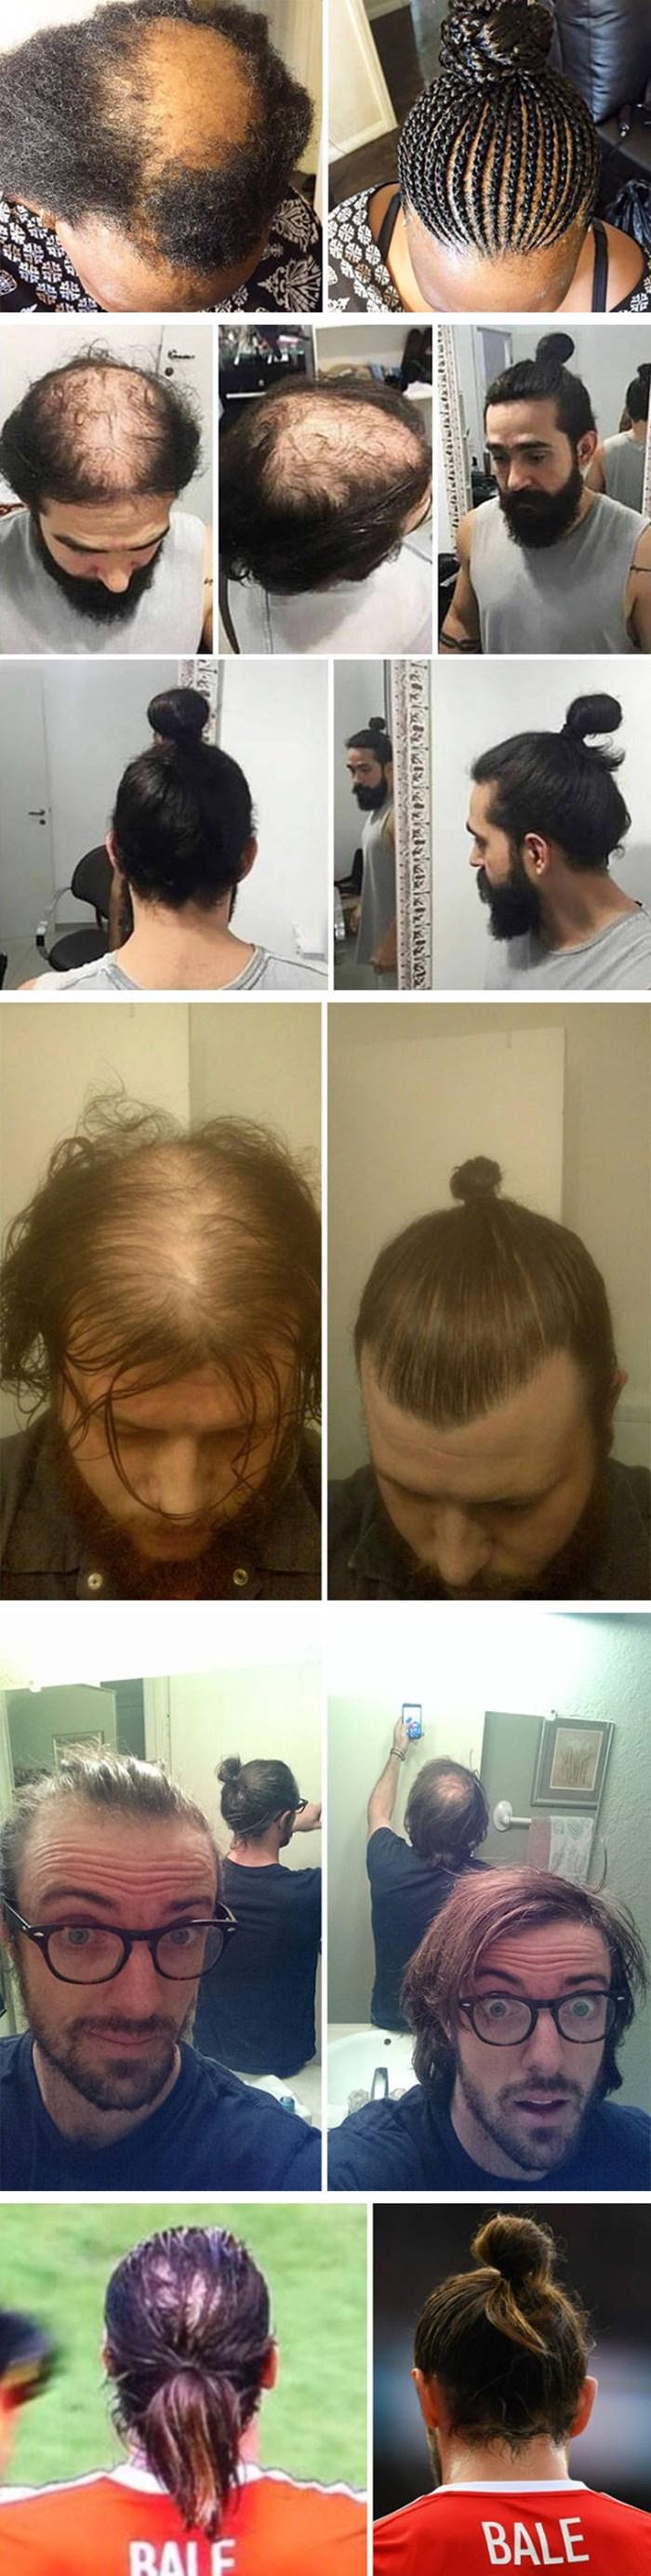 """Neki muškarci s razlogom imaju """"čudne"""" frizure, ove slike će otkriti ono što ne žele da znate"""